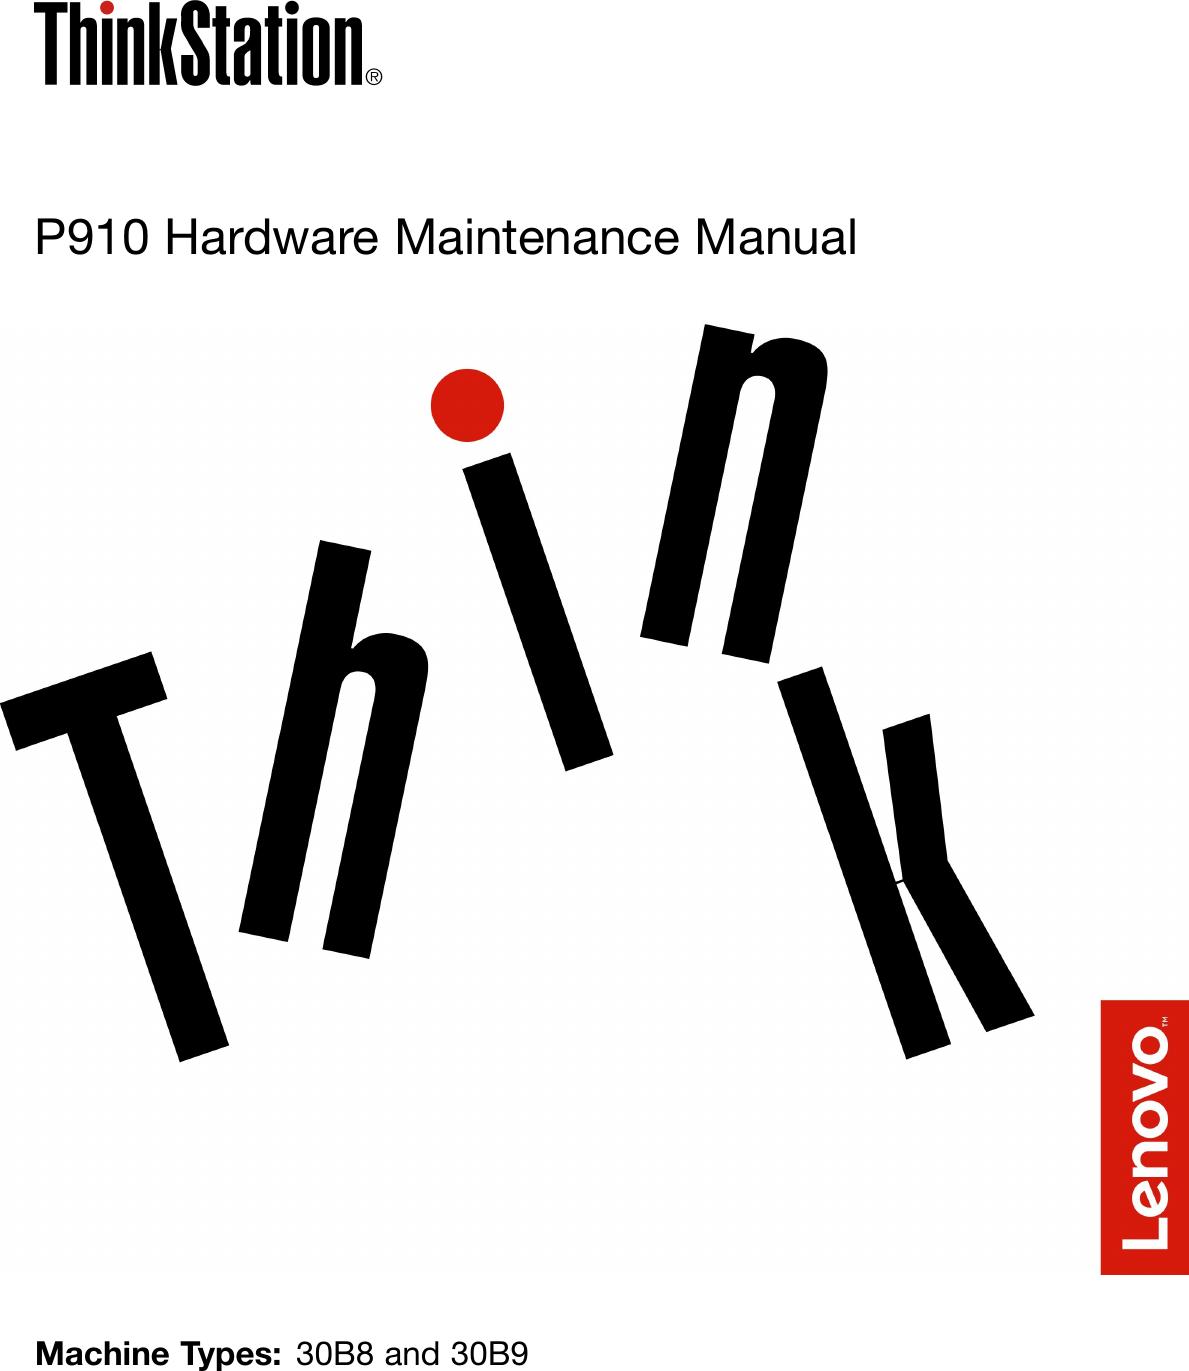 Lenovo P910 Hmm User Manual Hardware Maintenance (HMM